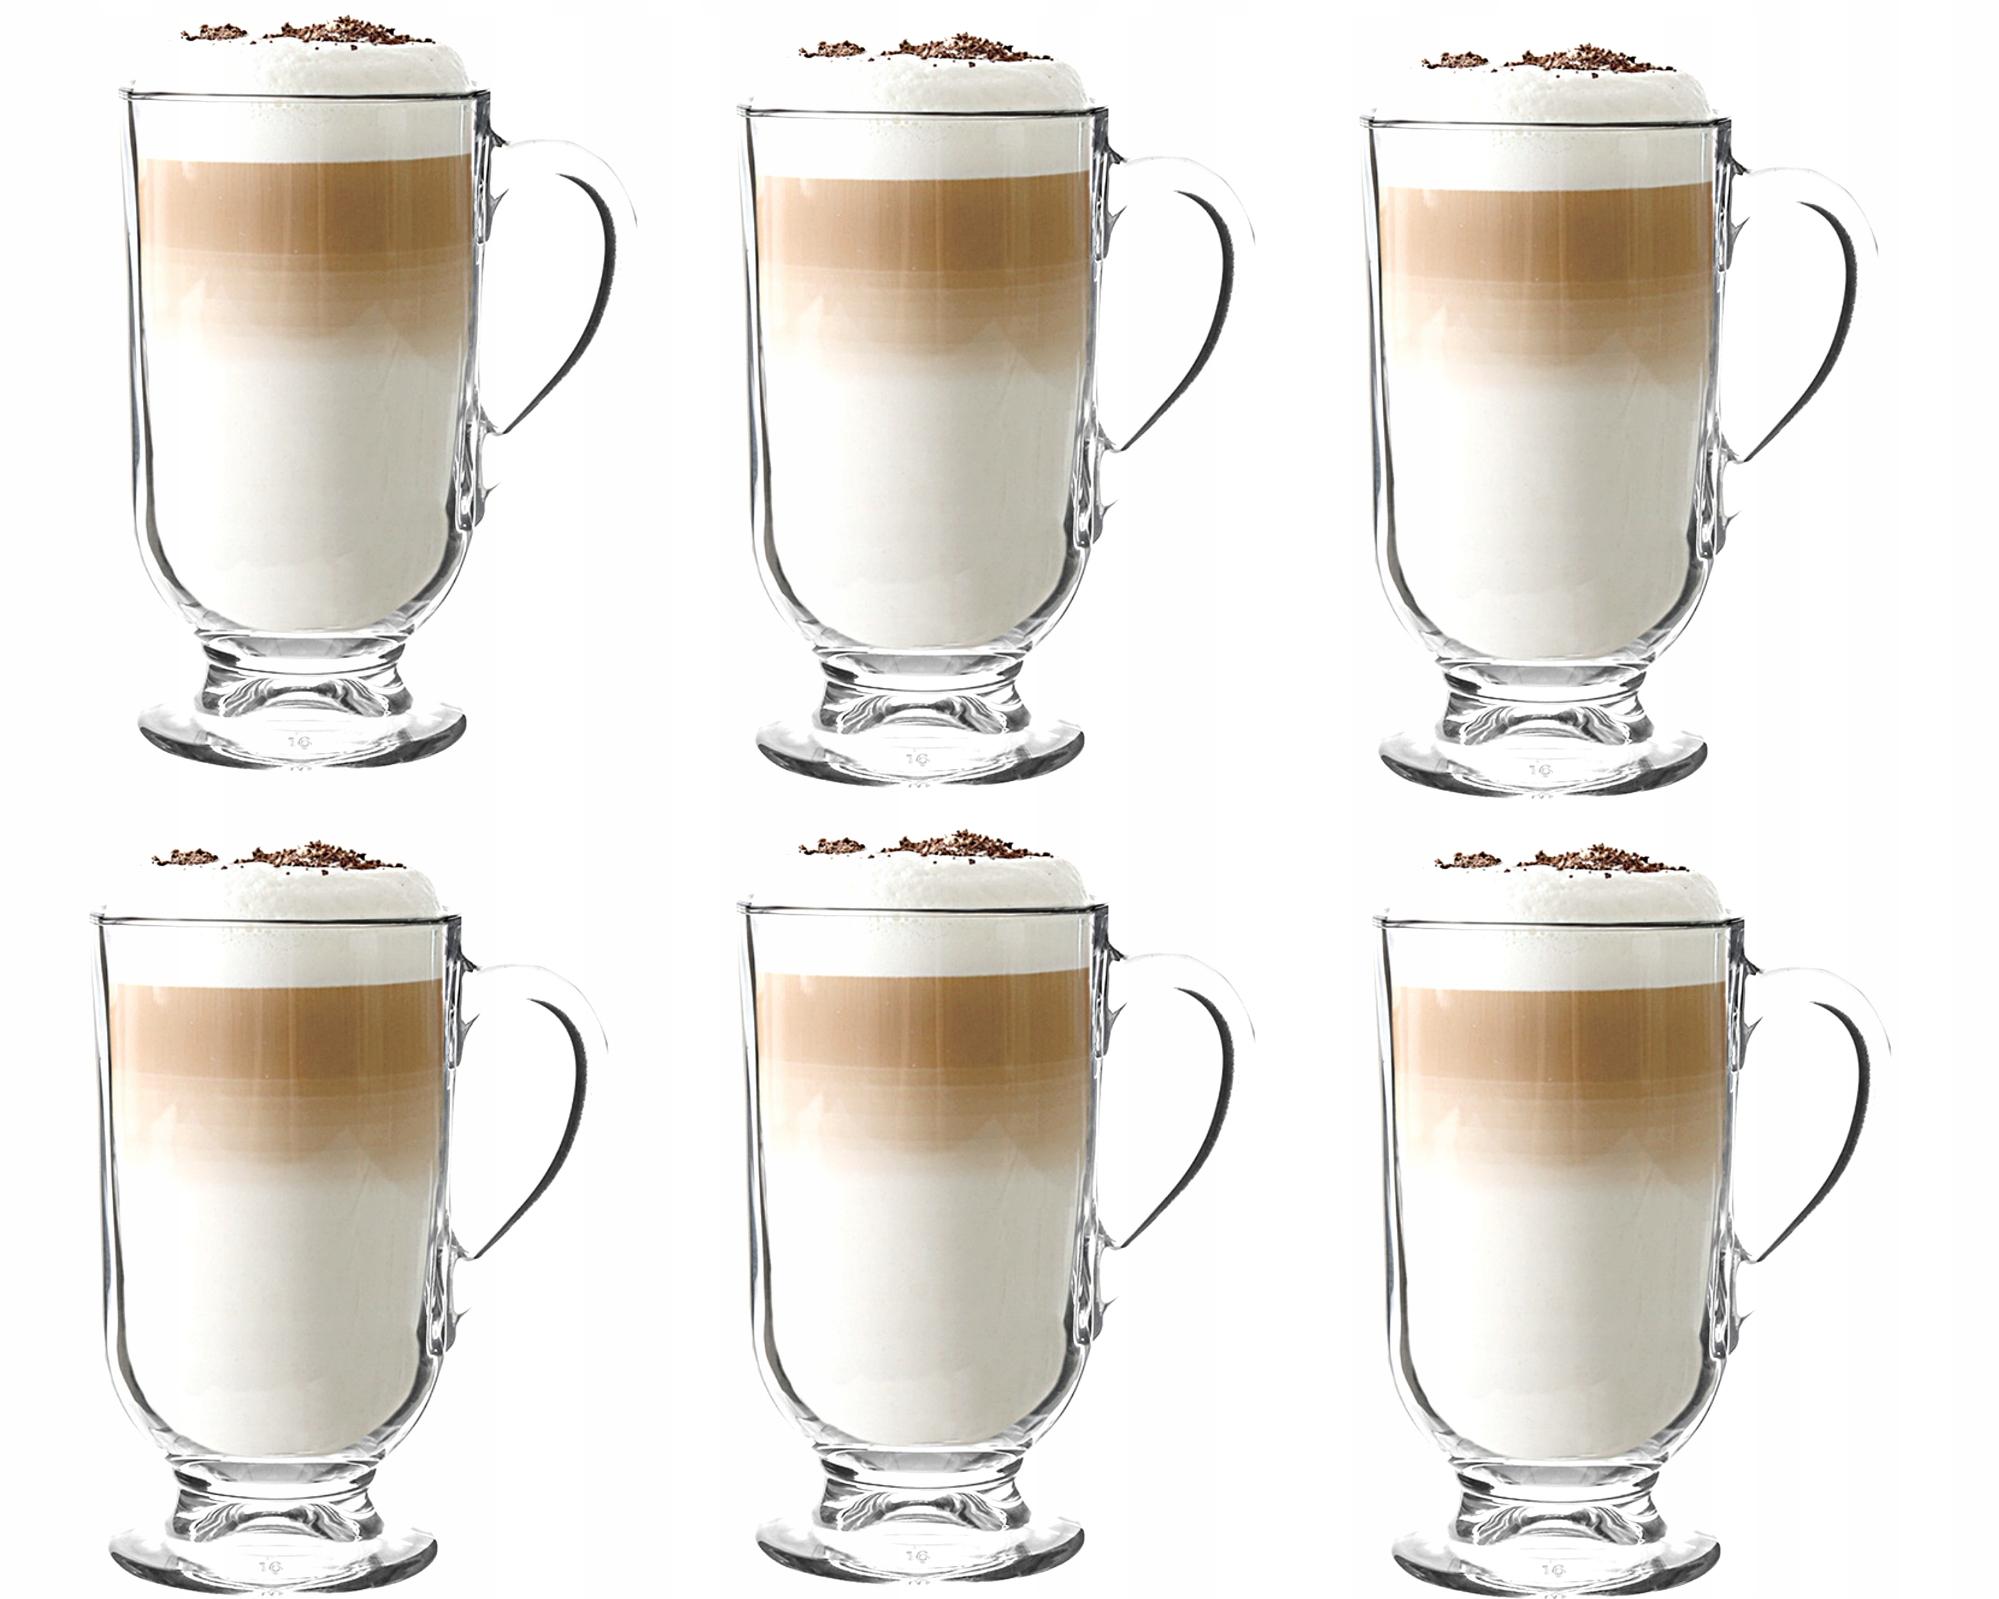 ZESTAW SZKLANKI DO KAWY LATTE Herbaty 300ml 6 szt